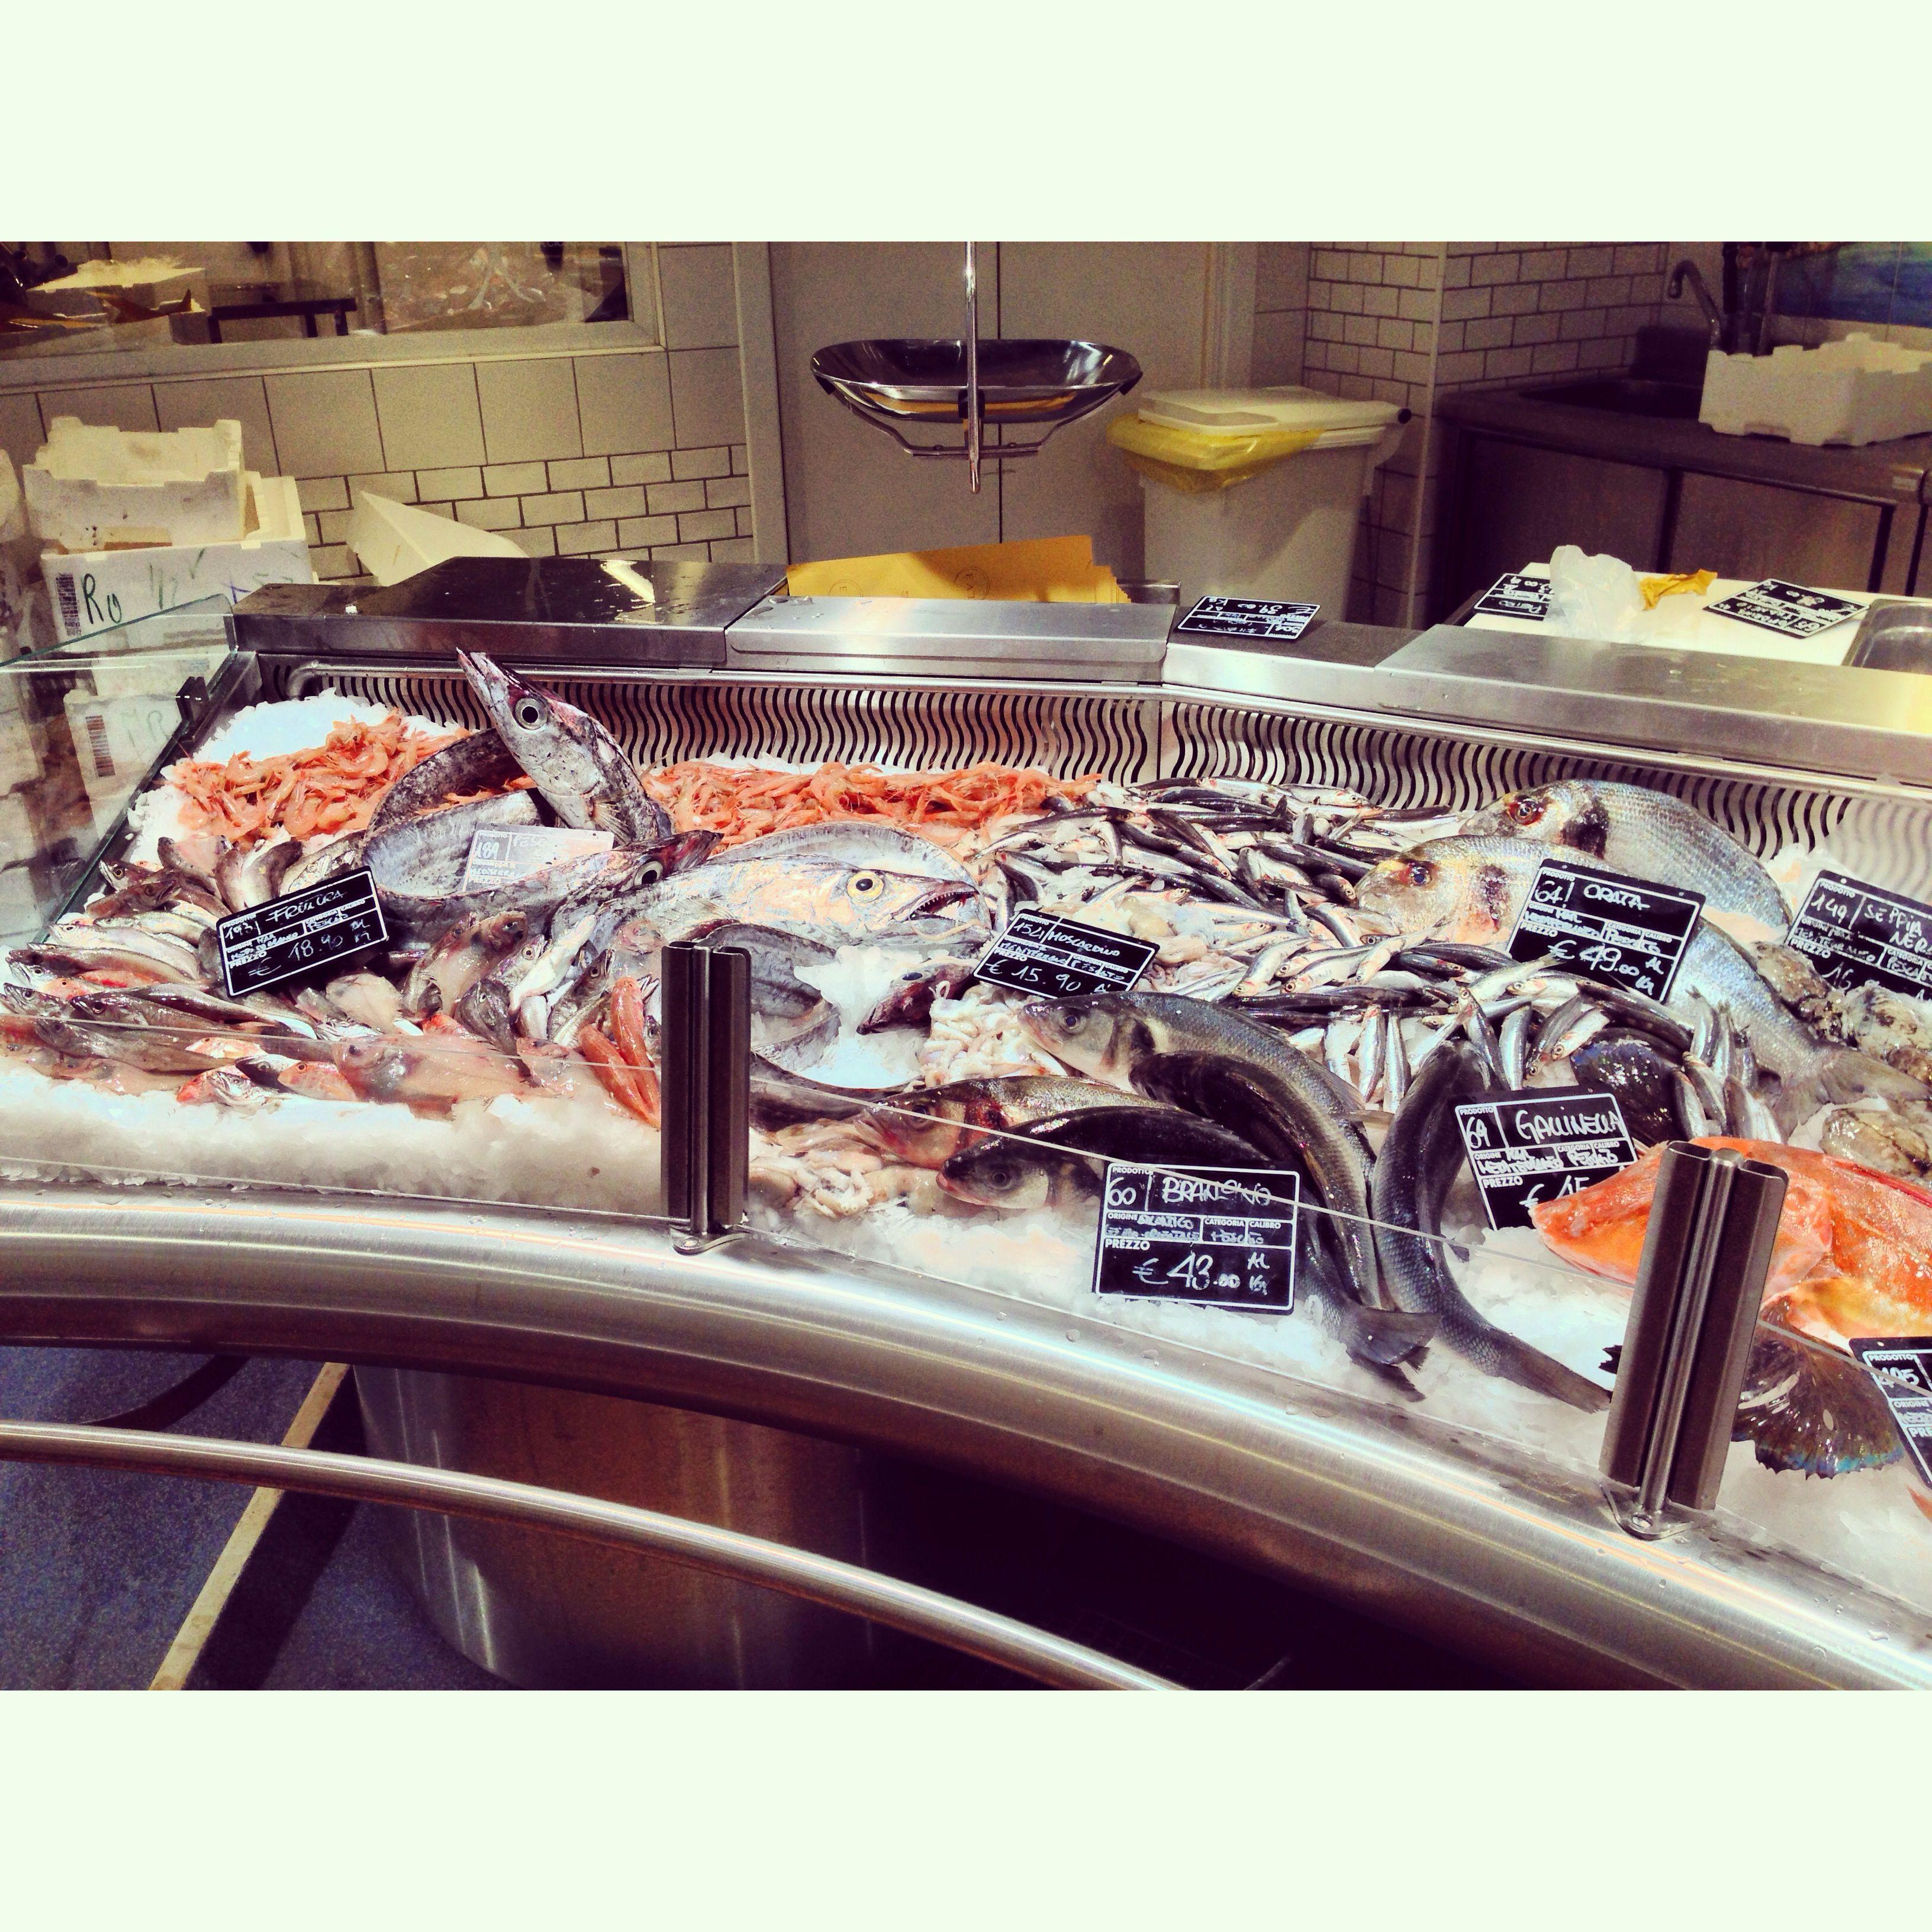 Pescheria #pescheria #eataly #banco #allestimento #pesce #fish ...